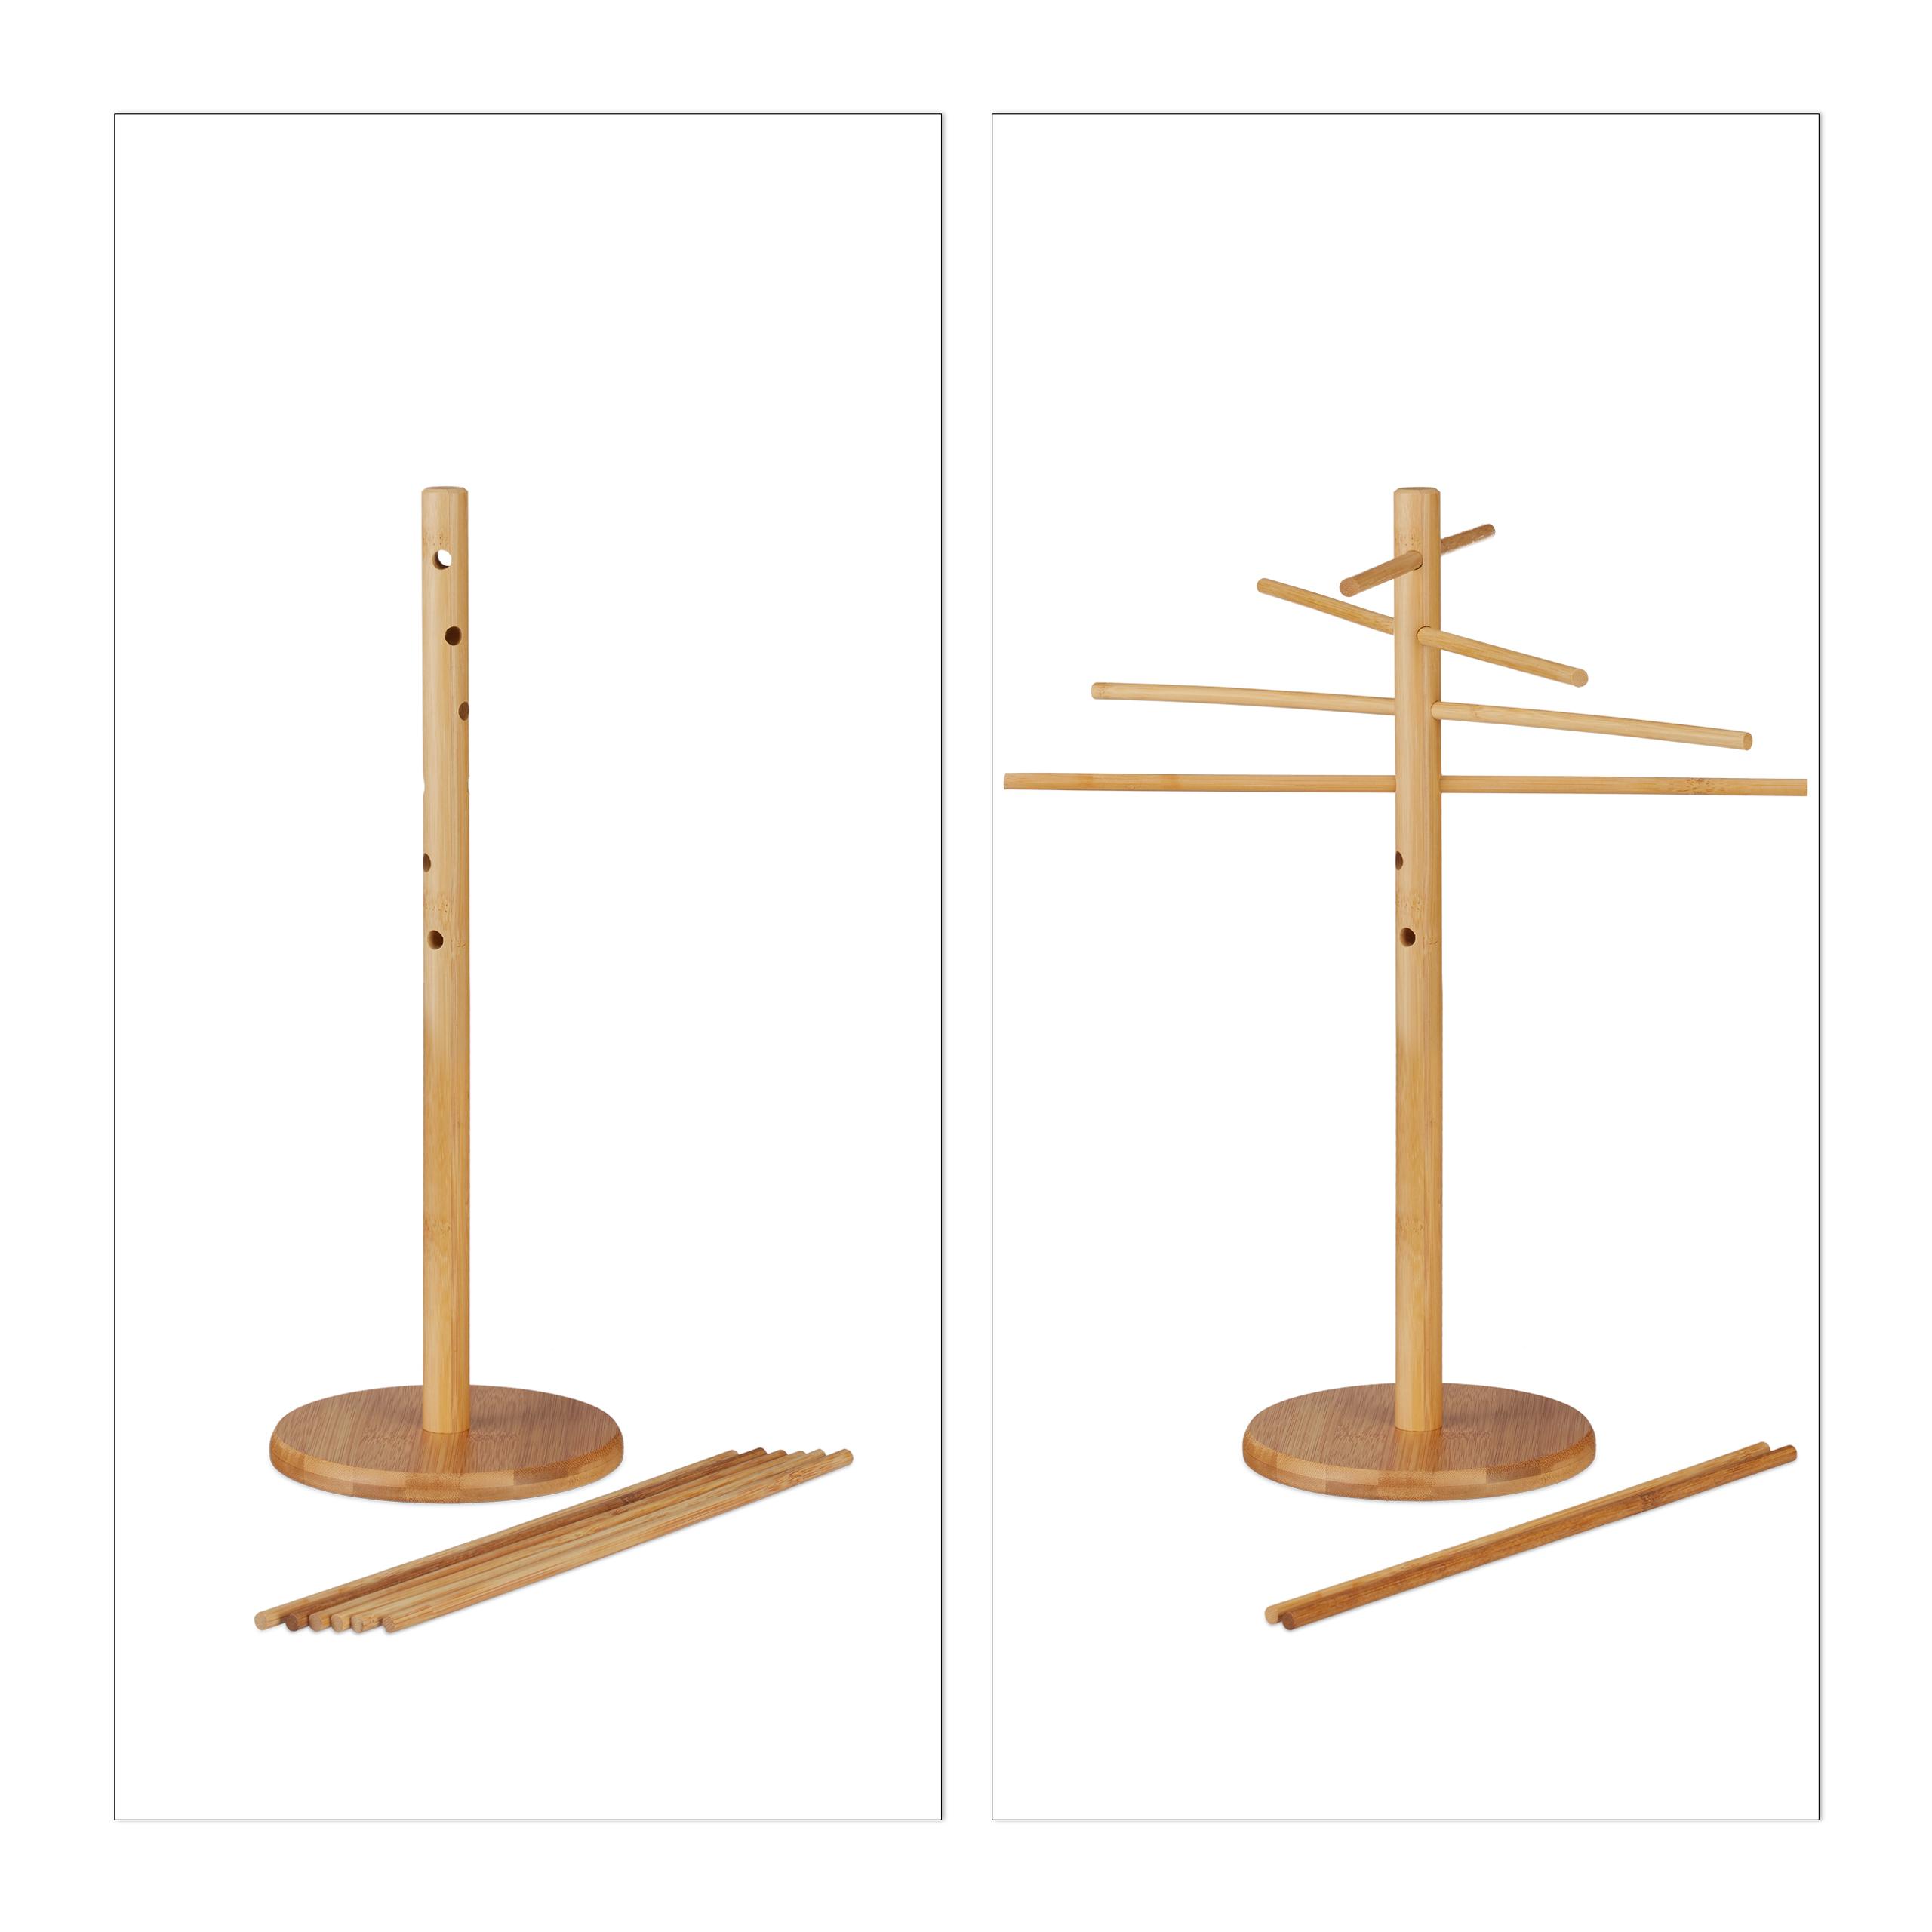 nudeltrockner nudelst nder natur pastatrockner holz 12 arme abnehmbar trocknen ebay. Black Bedroom Furniture Sets. Home Design Ideas